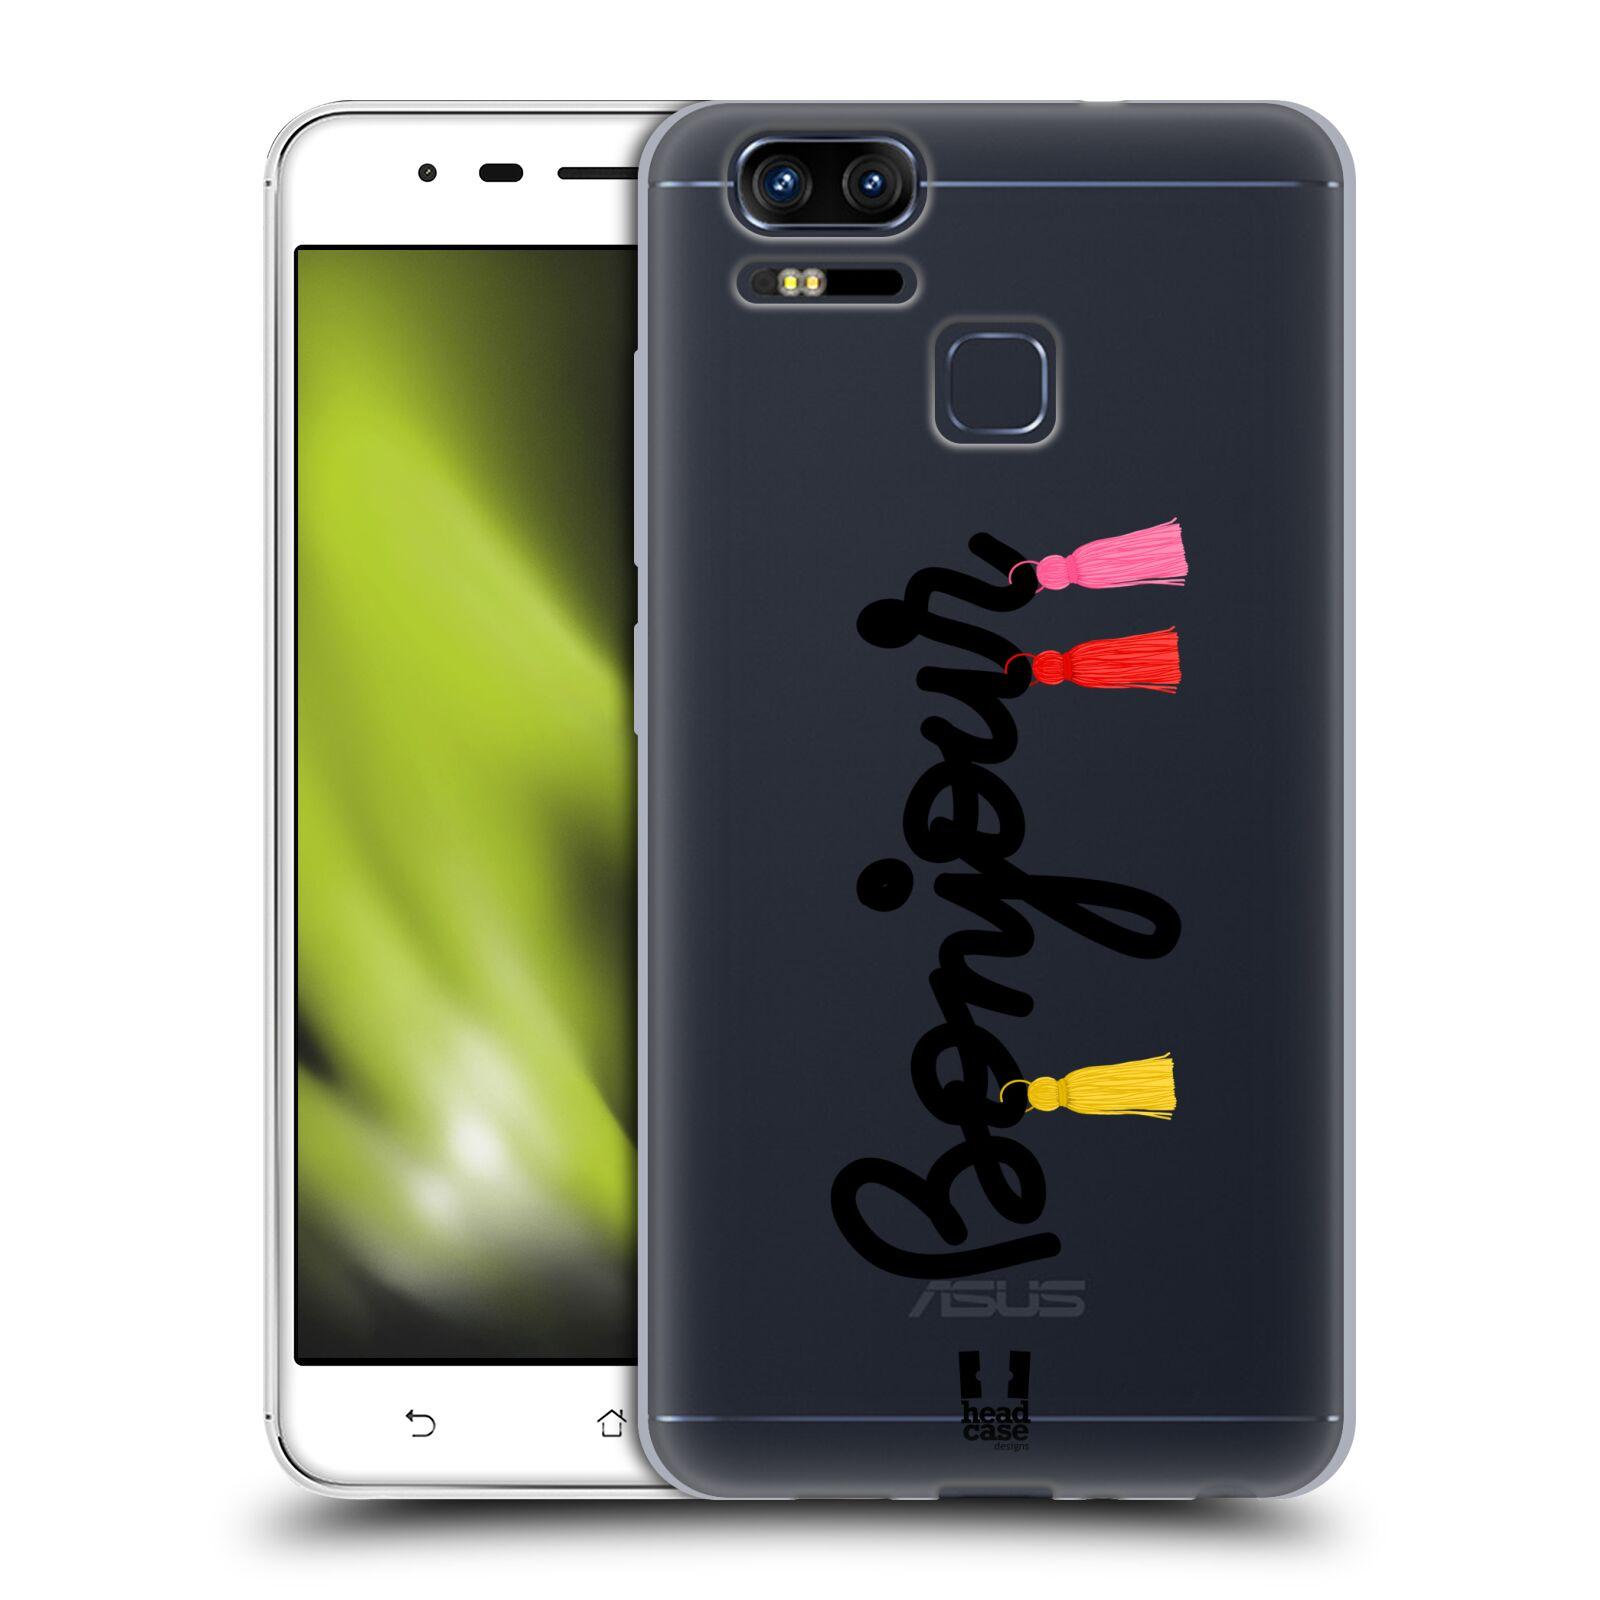 Funda-HEAD-CASE-DESIGNS-minimalismo-Suave-con-Gel-para-Asus-ZenFone-telefonos